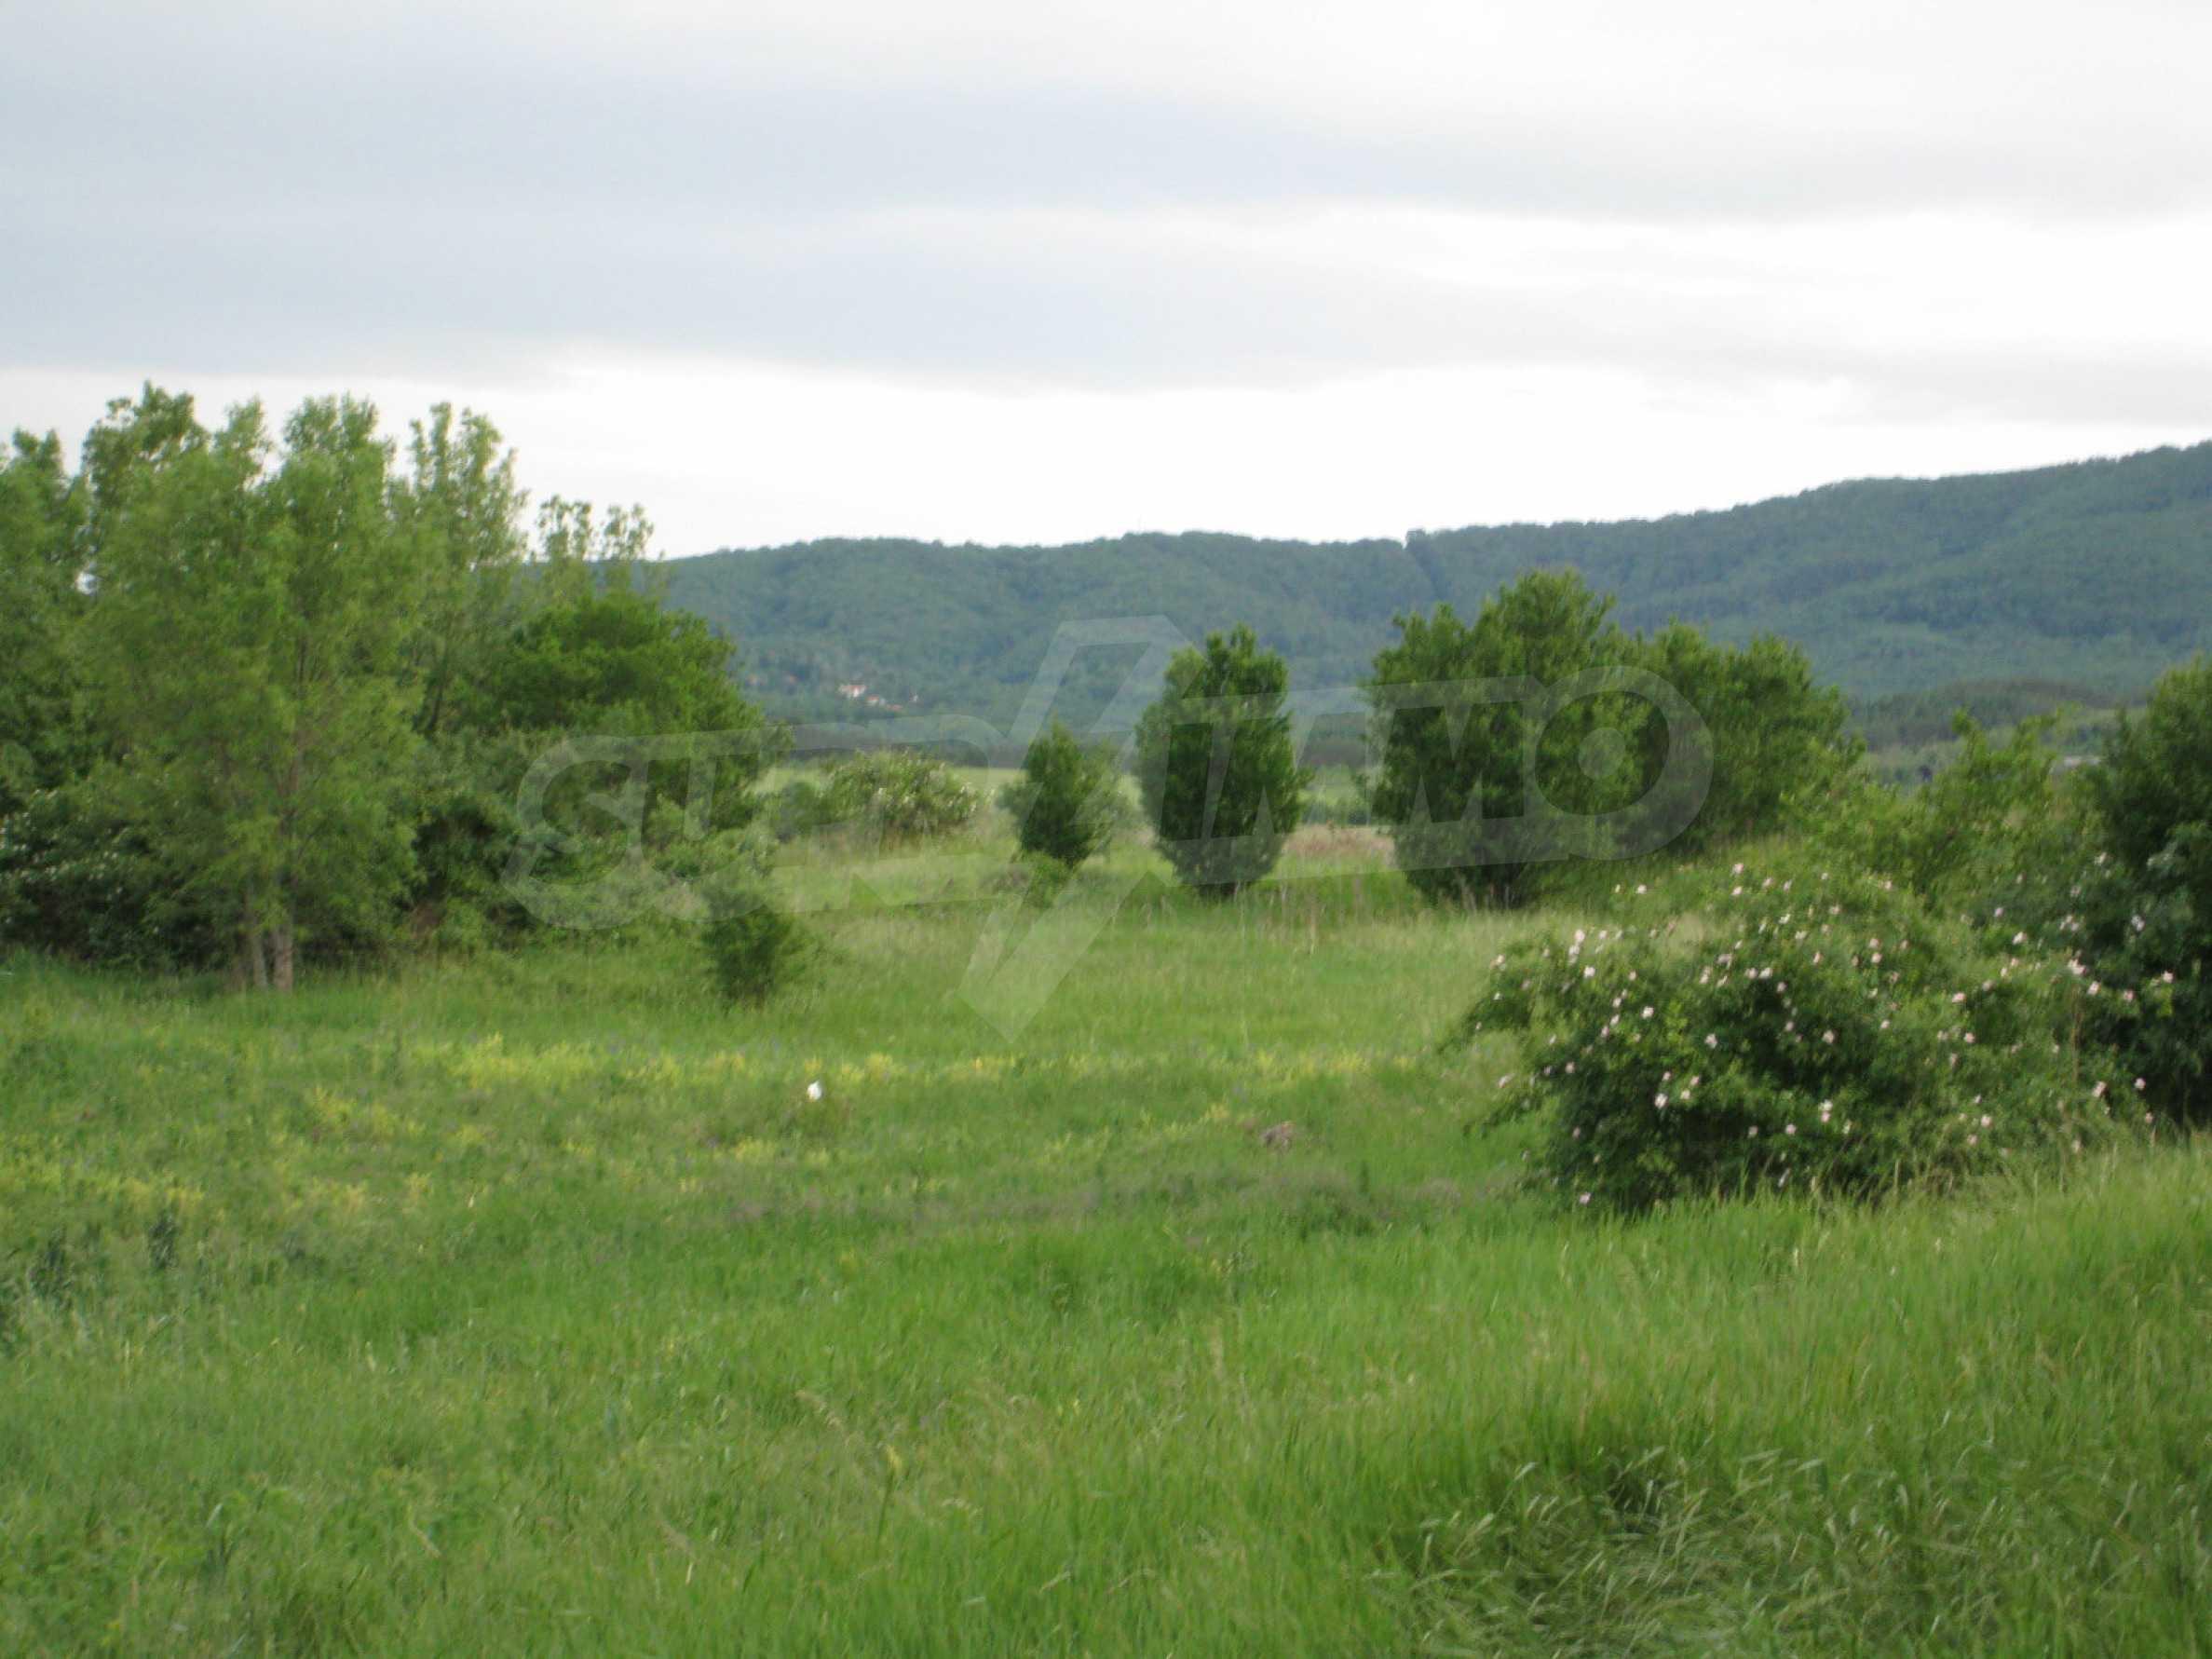 Agricultural land at asphalt road in Suhodol 12